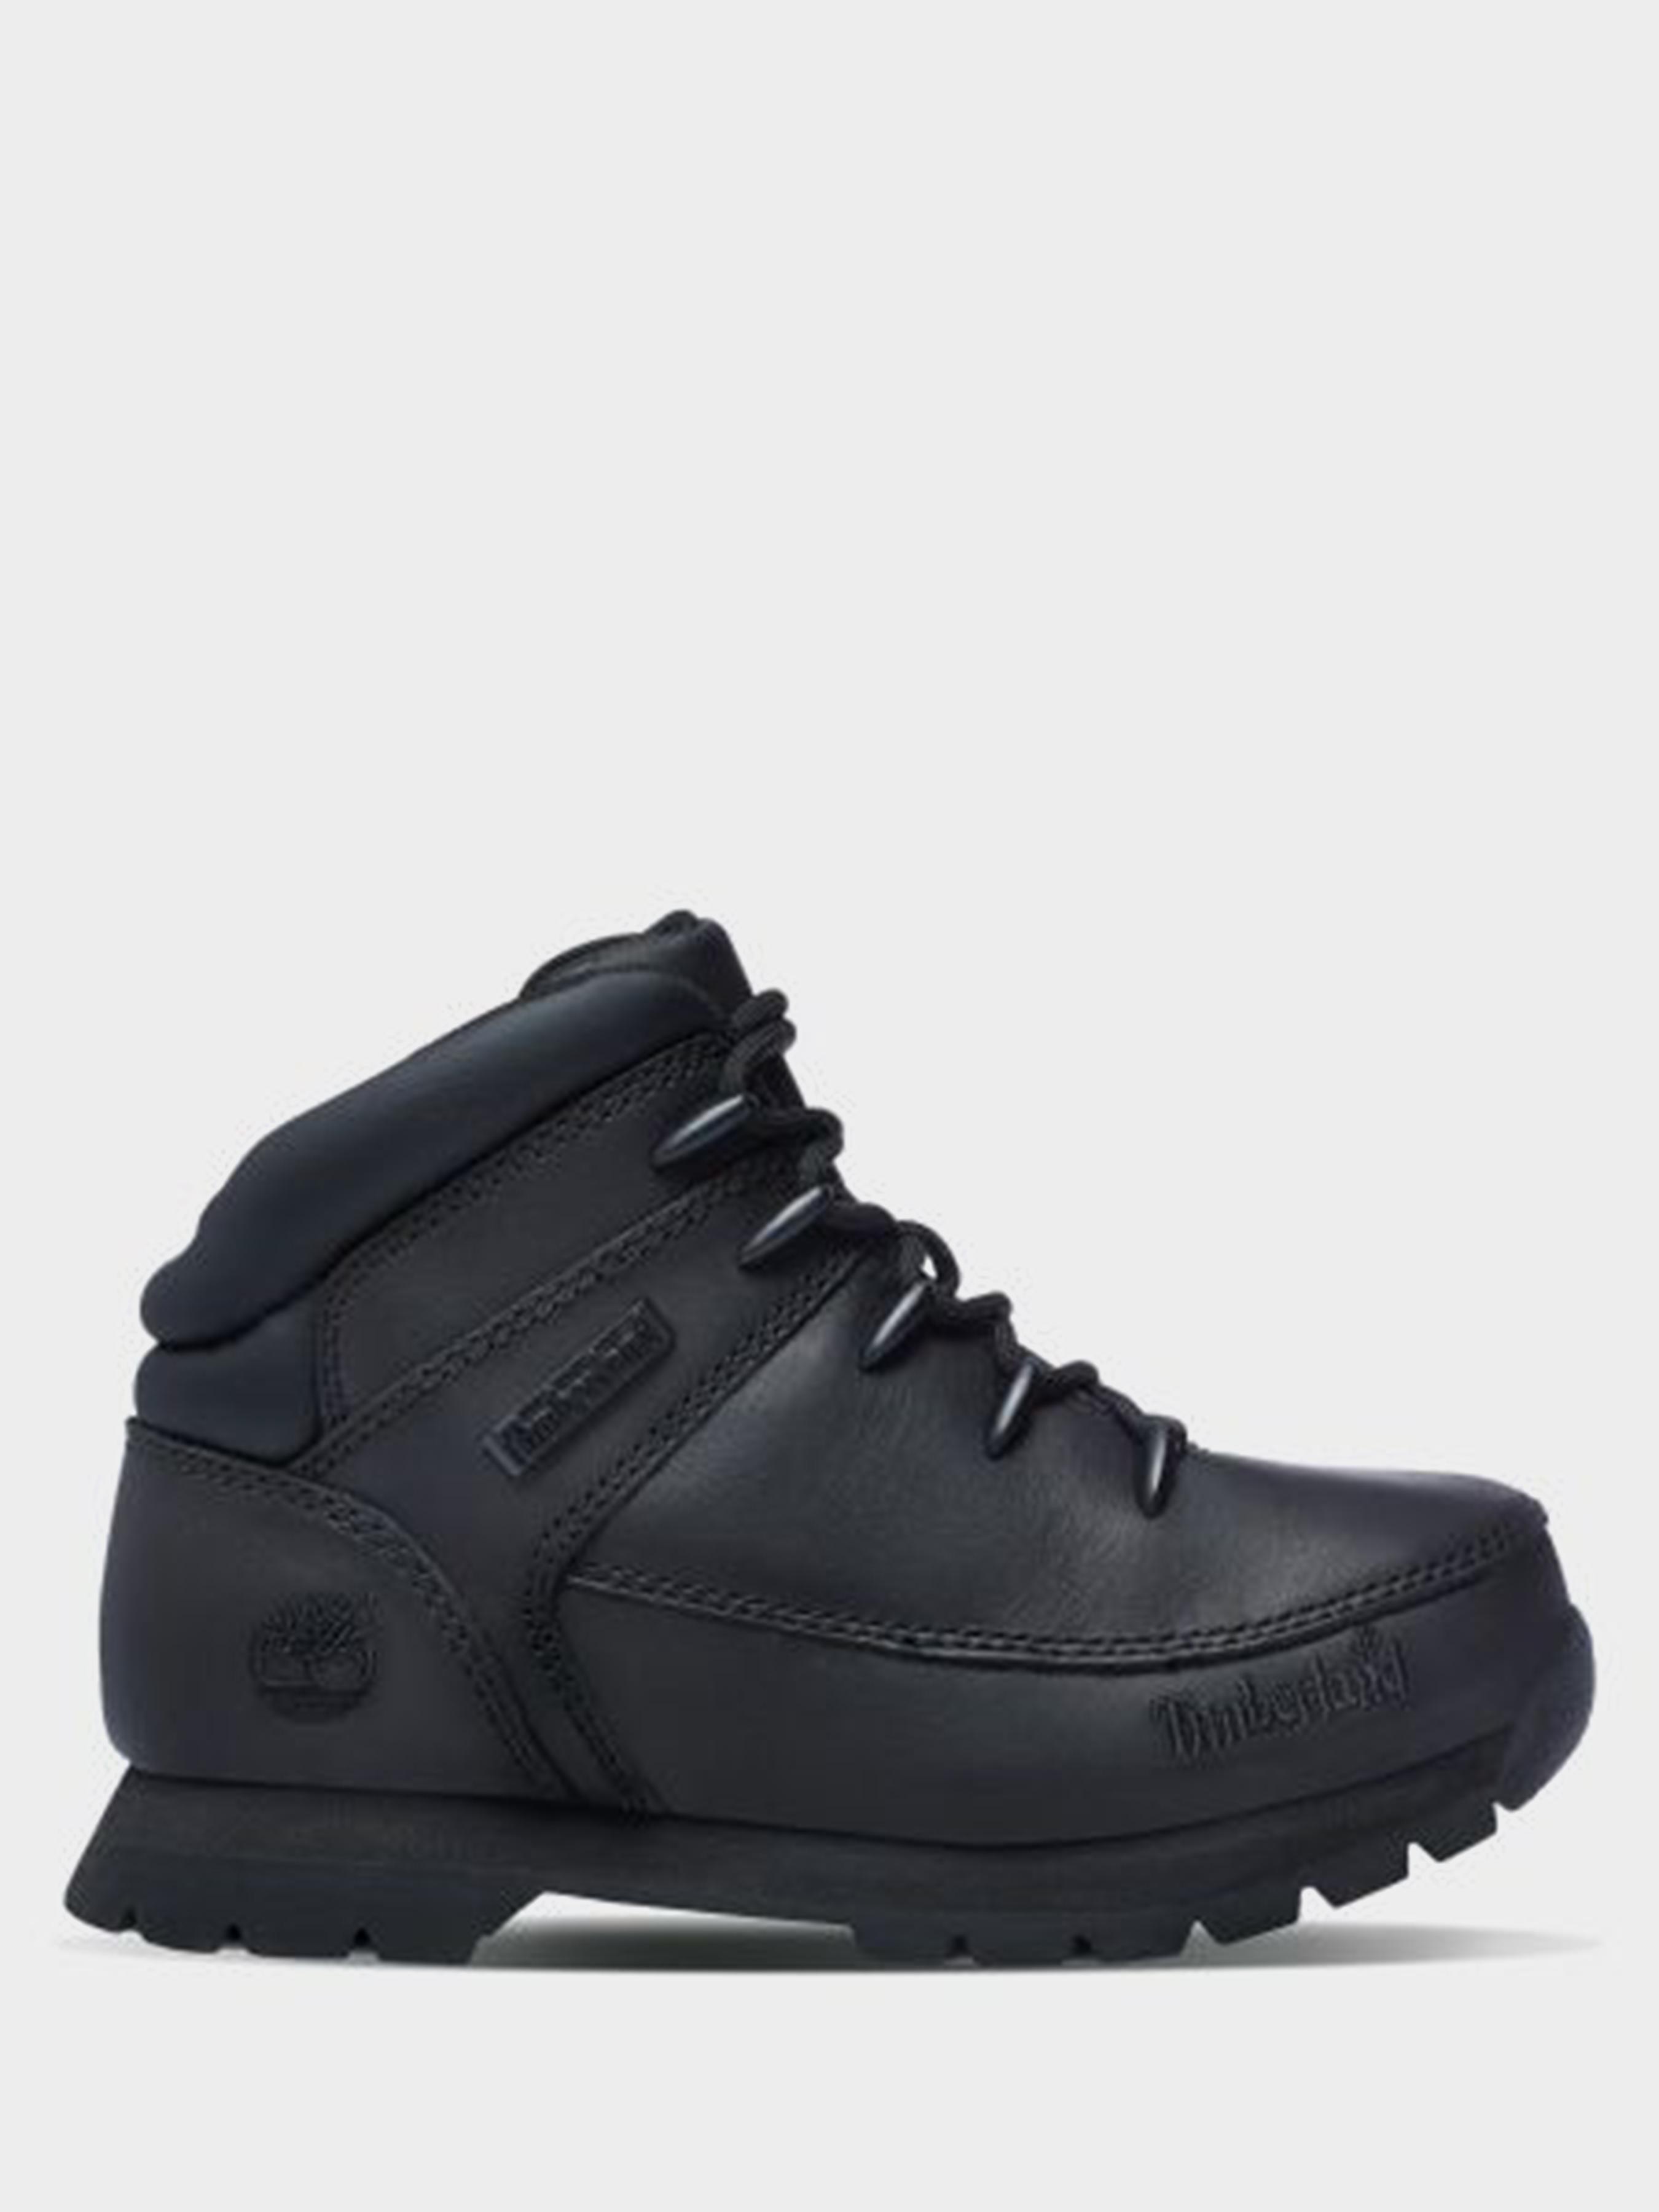 Купить Ботинки детские Timberland Euro Sprint TL1854, Черный